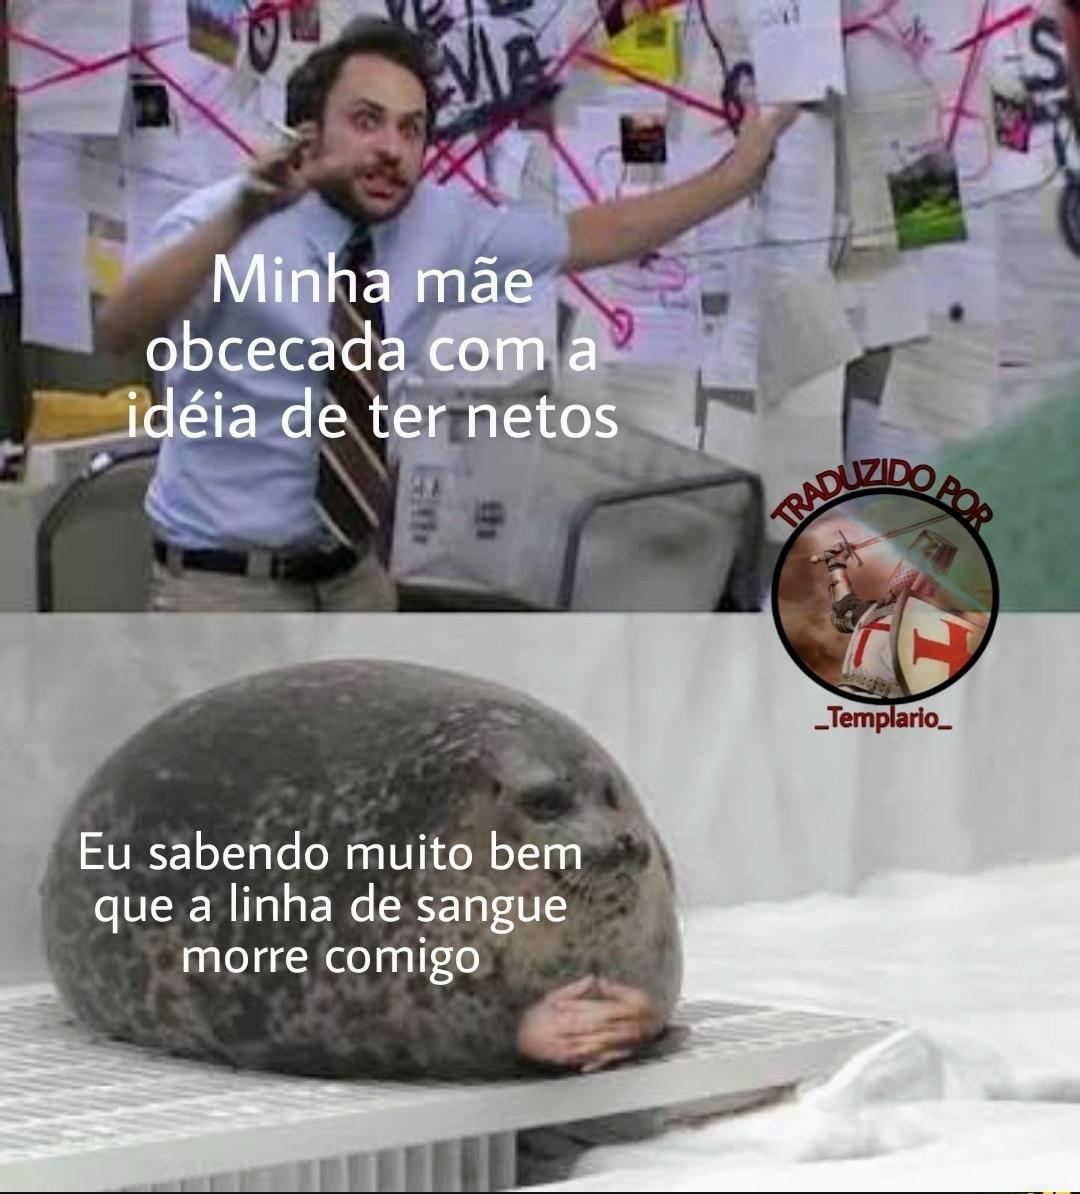 Né isso - meme